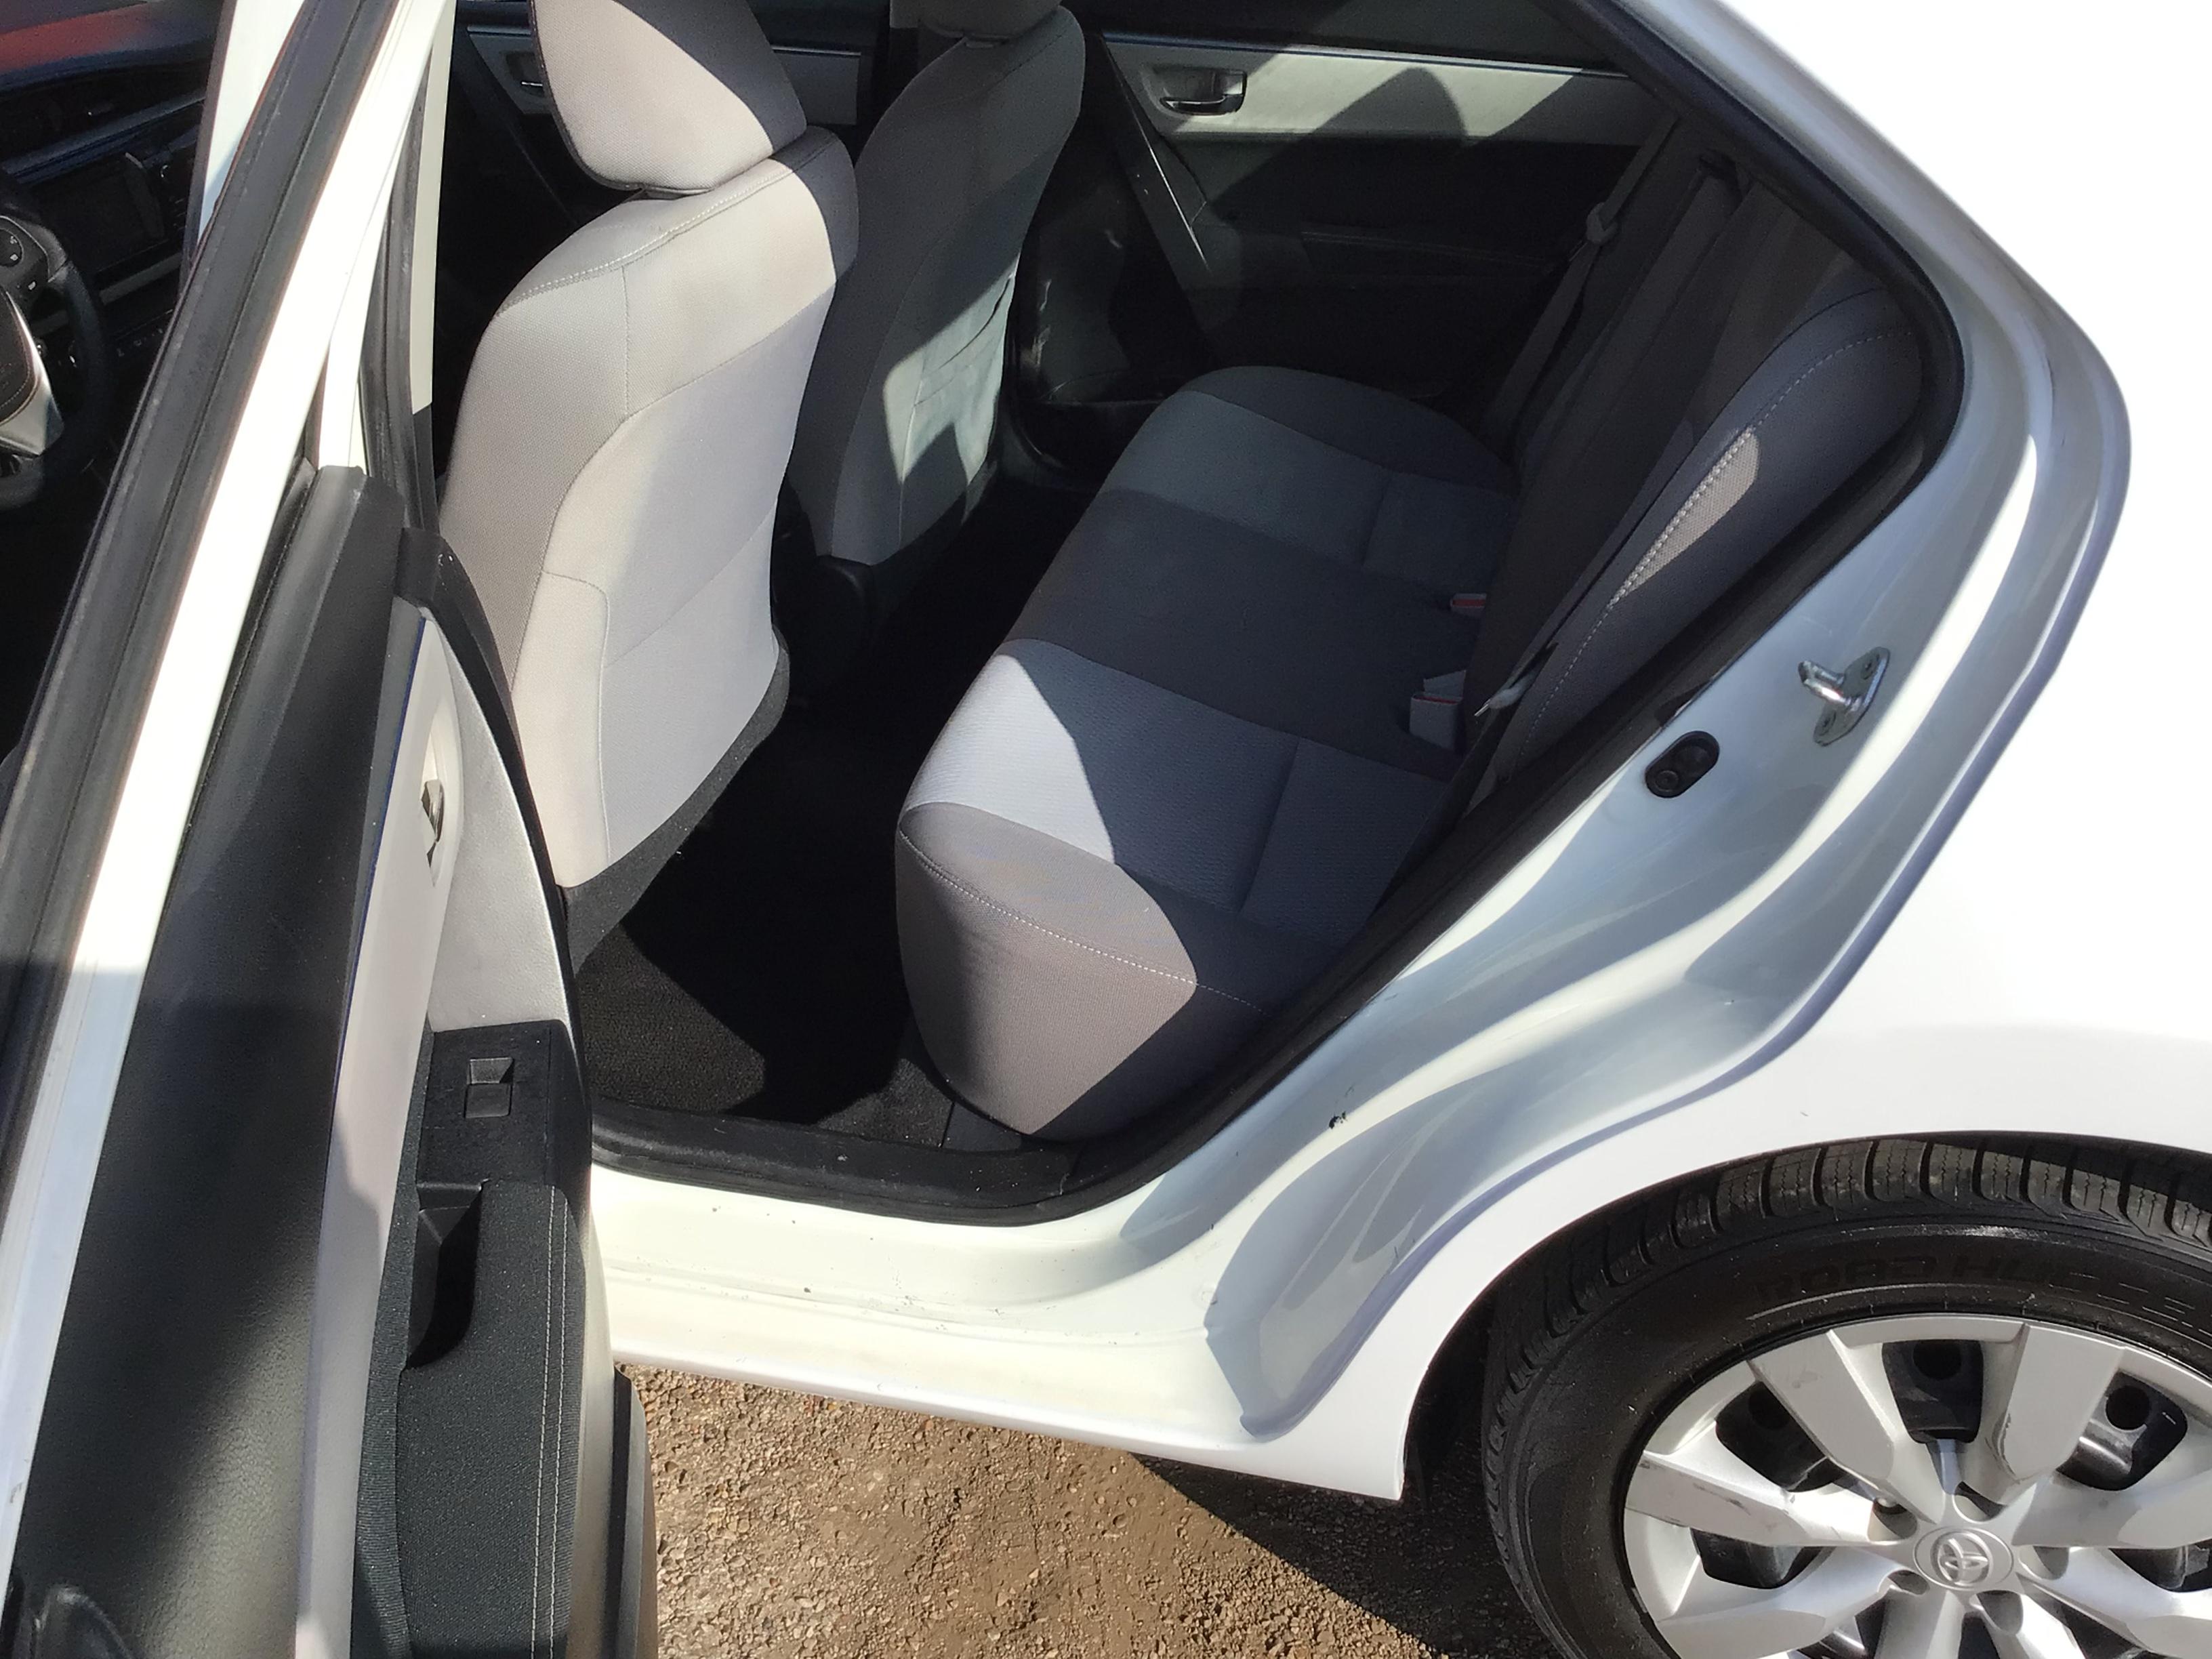 used vehicle - Sedan TOYOTA COROLLA 2016